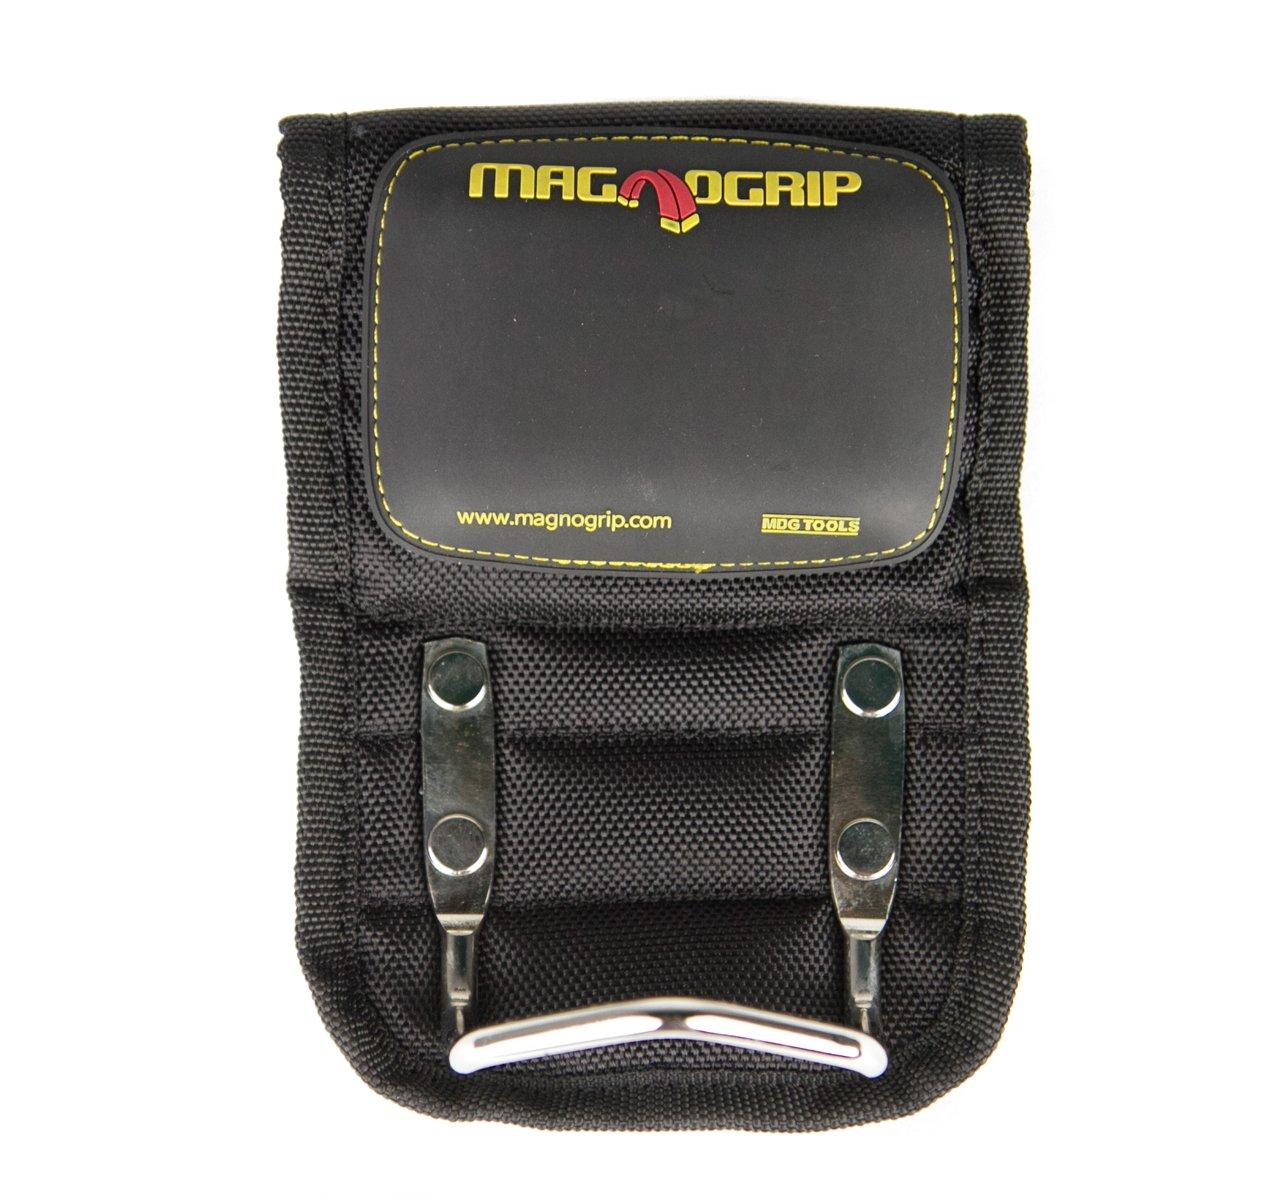 MagnoGrip 002-399 Magnetic Hammer Holster, Black